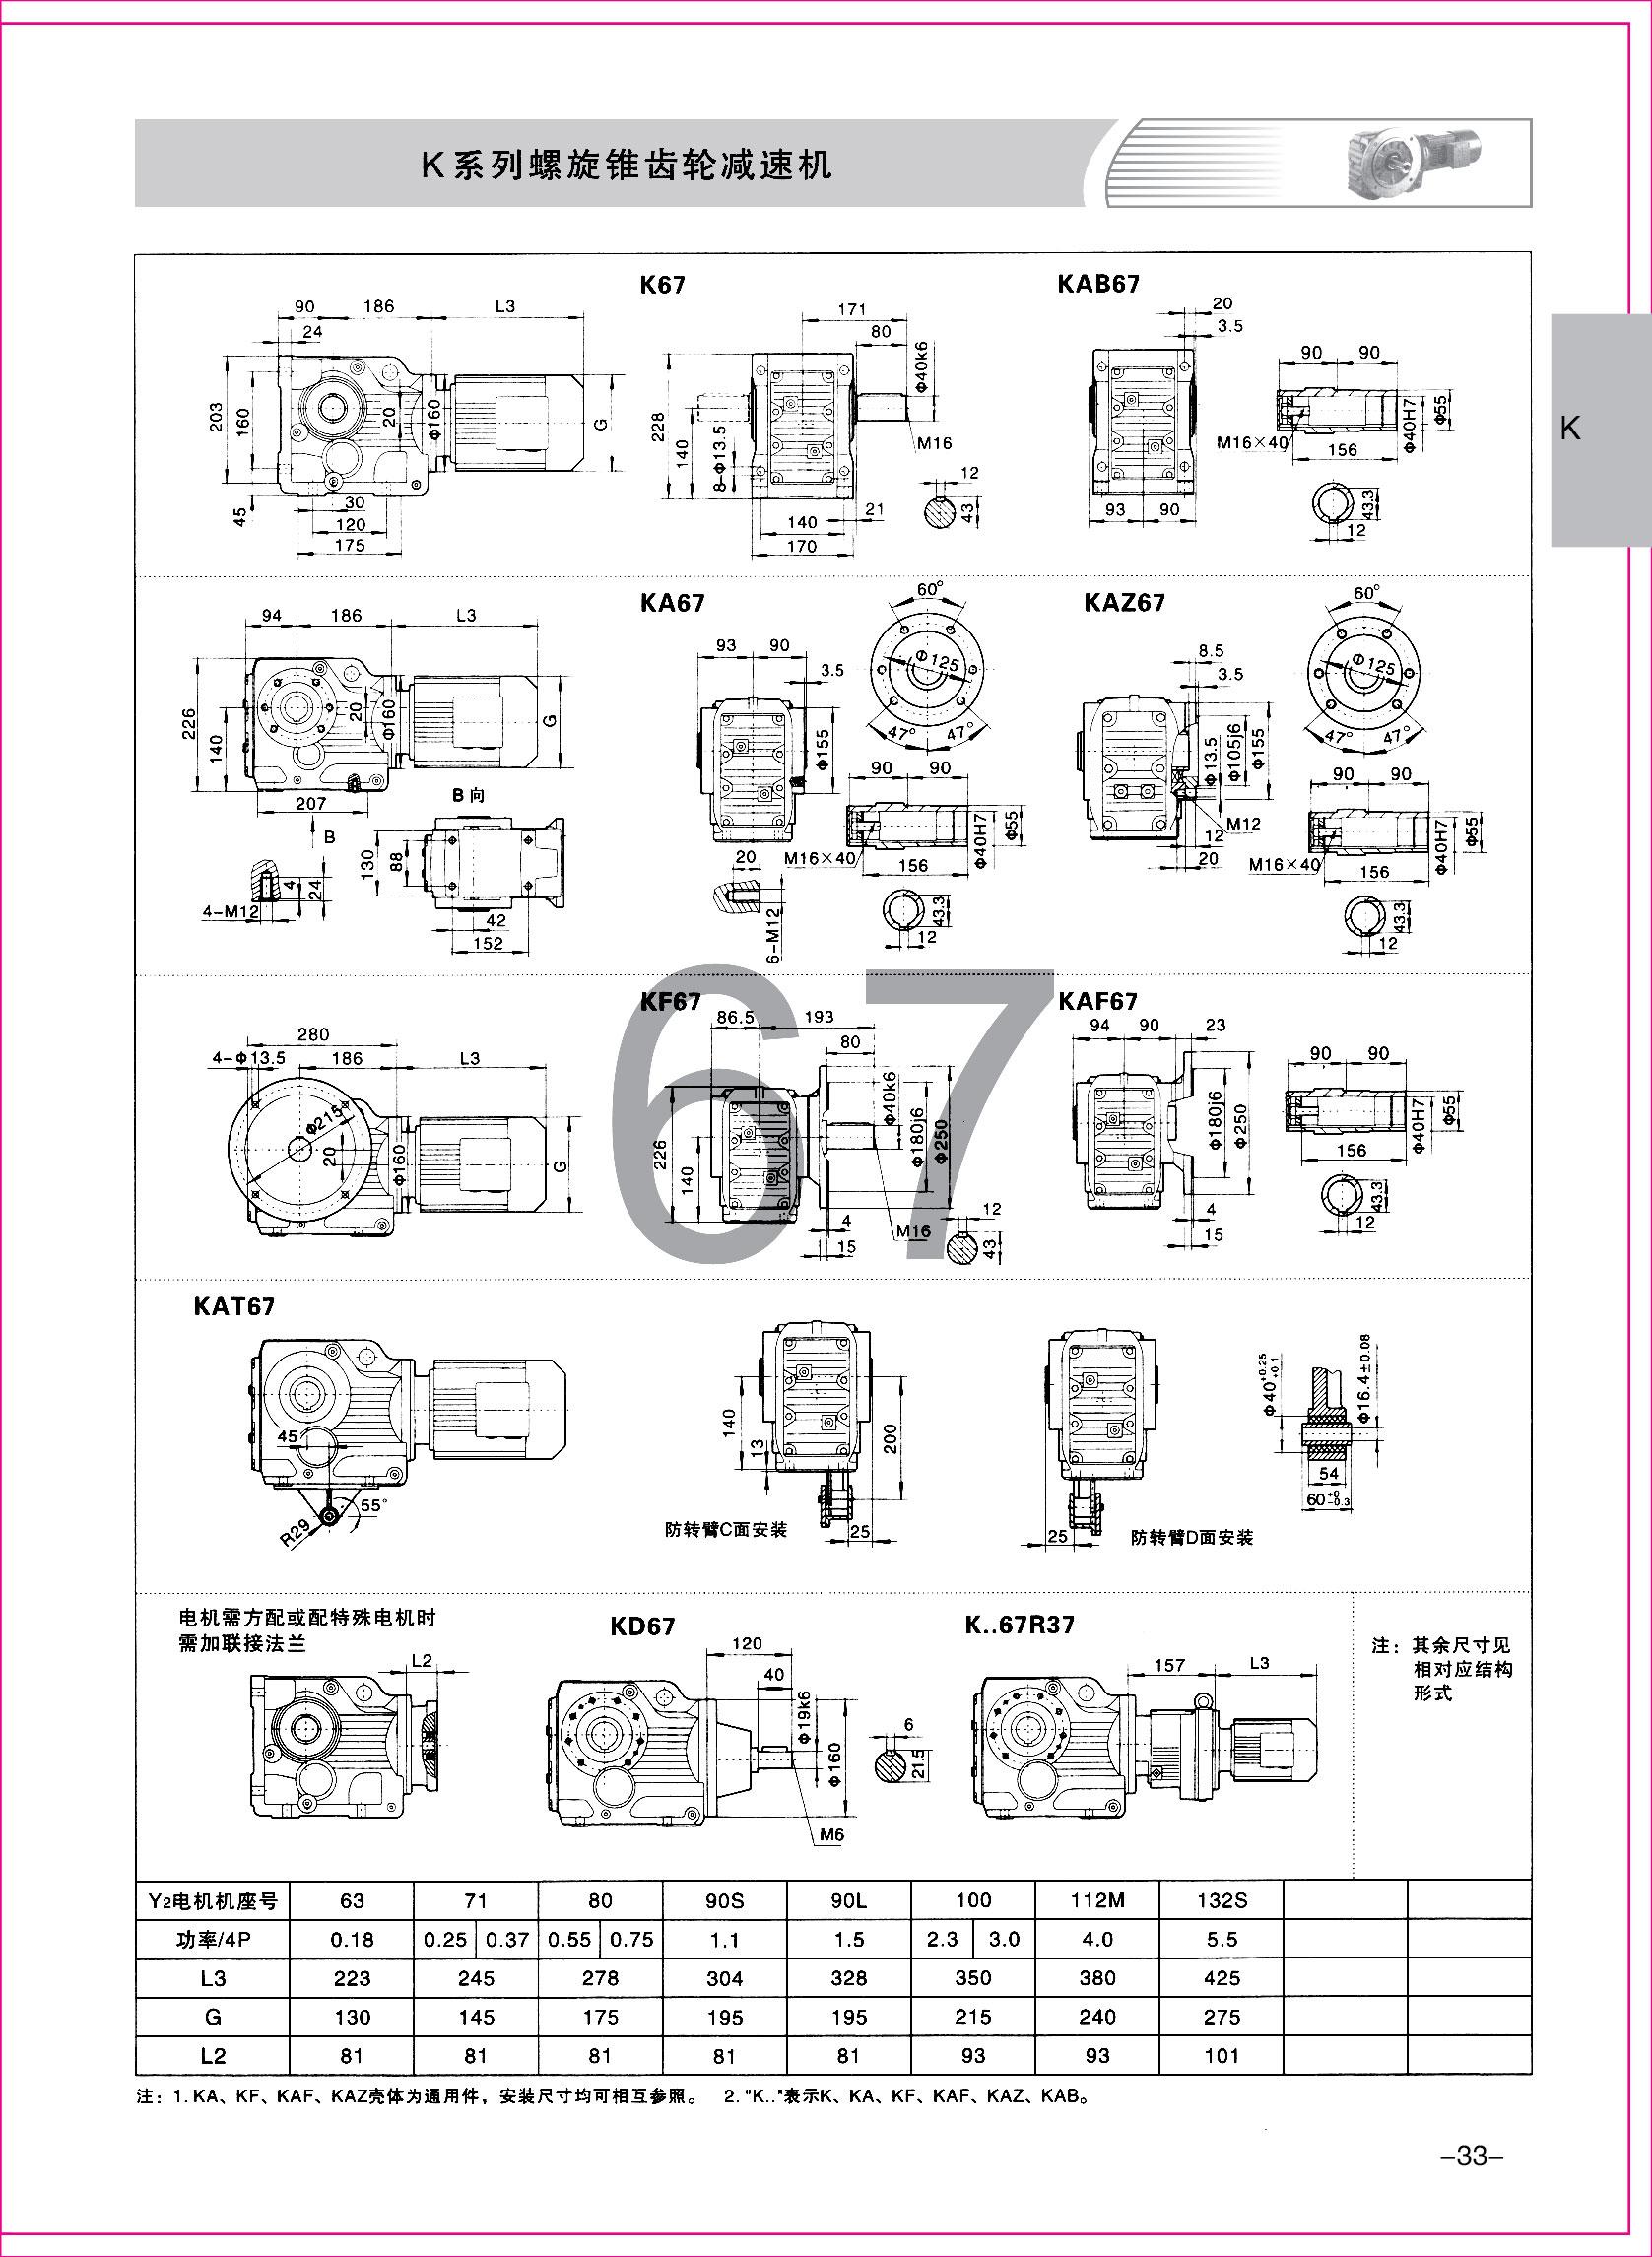 齿轮减速机样本1-1-33.jpg